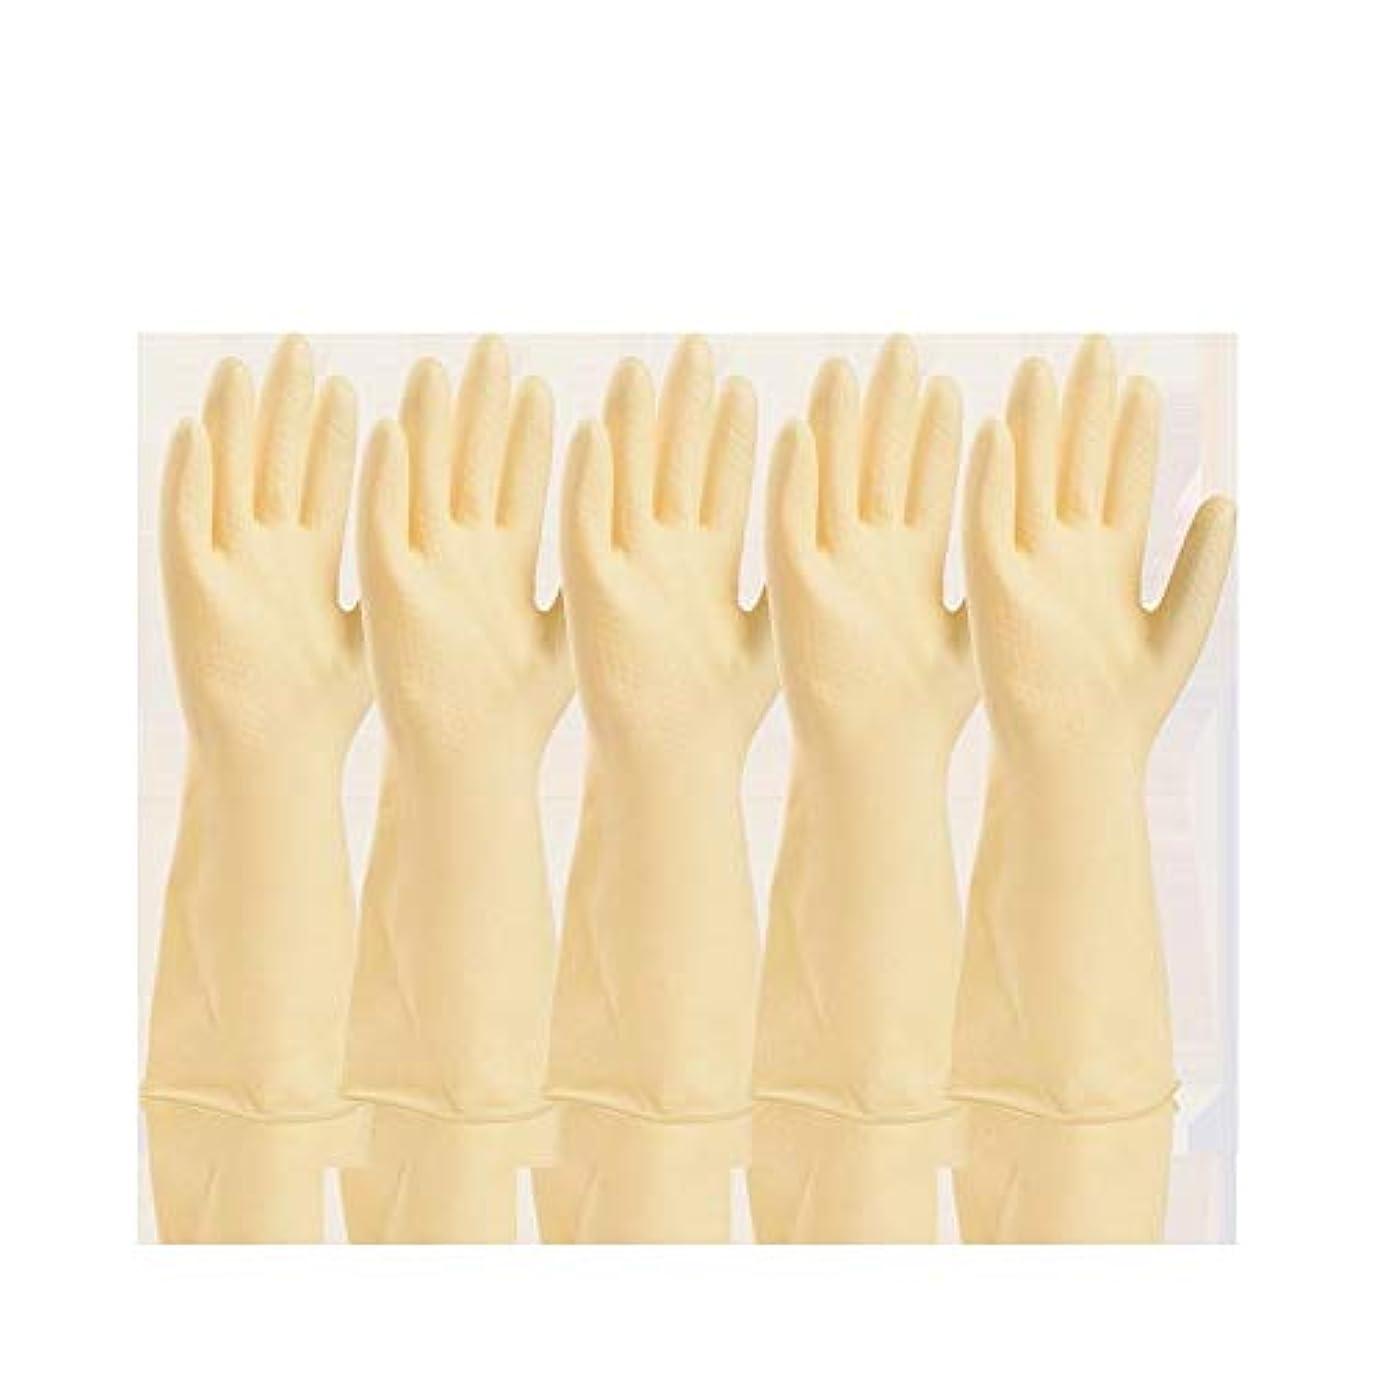 リス毎年毎年使い捨て手袋 工業用手袋厚手のプラスチック製保護用耐水性防水ラテックス手袋、5ペア ニトリルゴム手袋 (Color : White, Size : S)